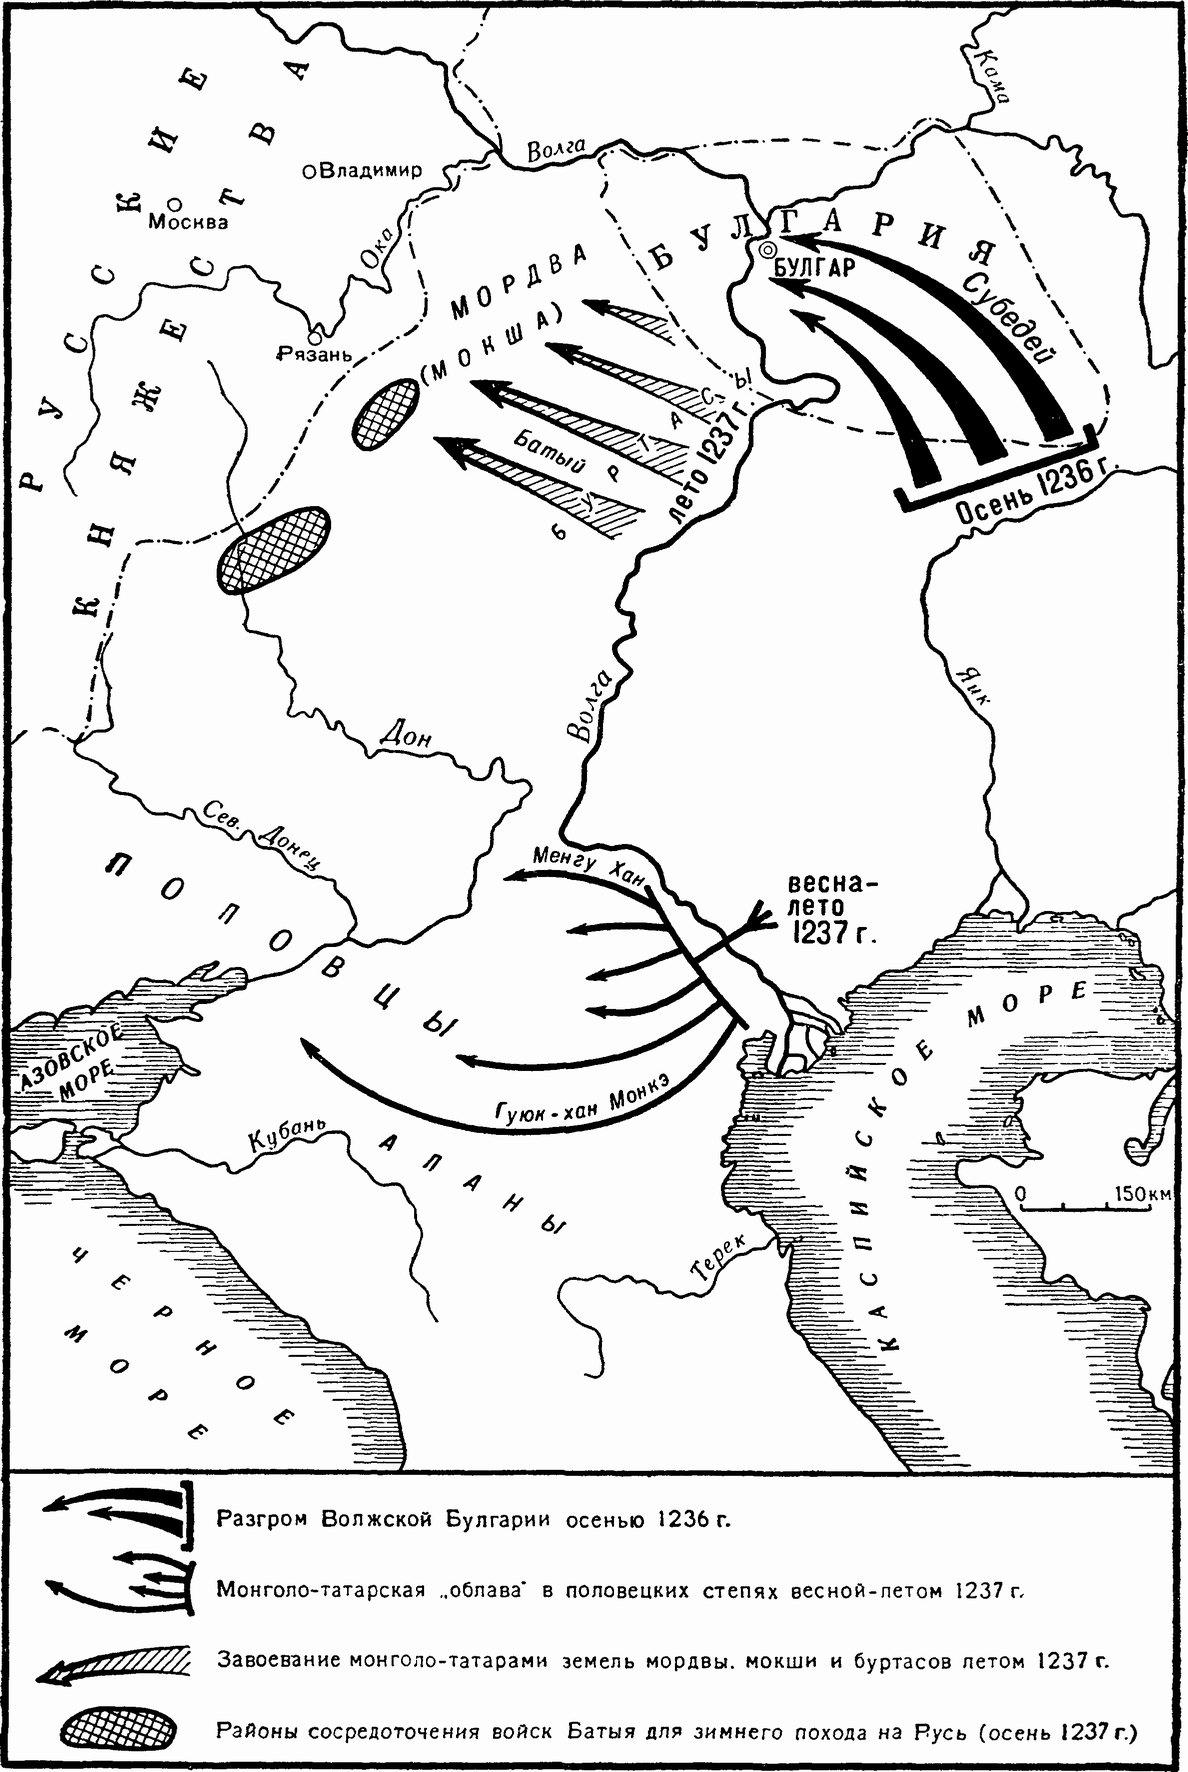 1237 1380 руси против монгольских завоевателей: